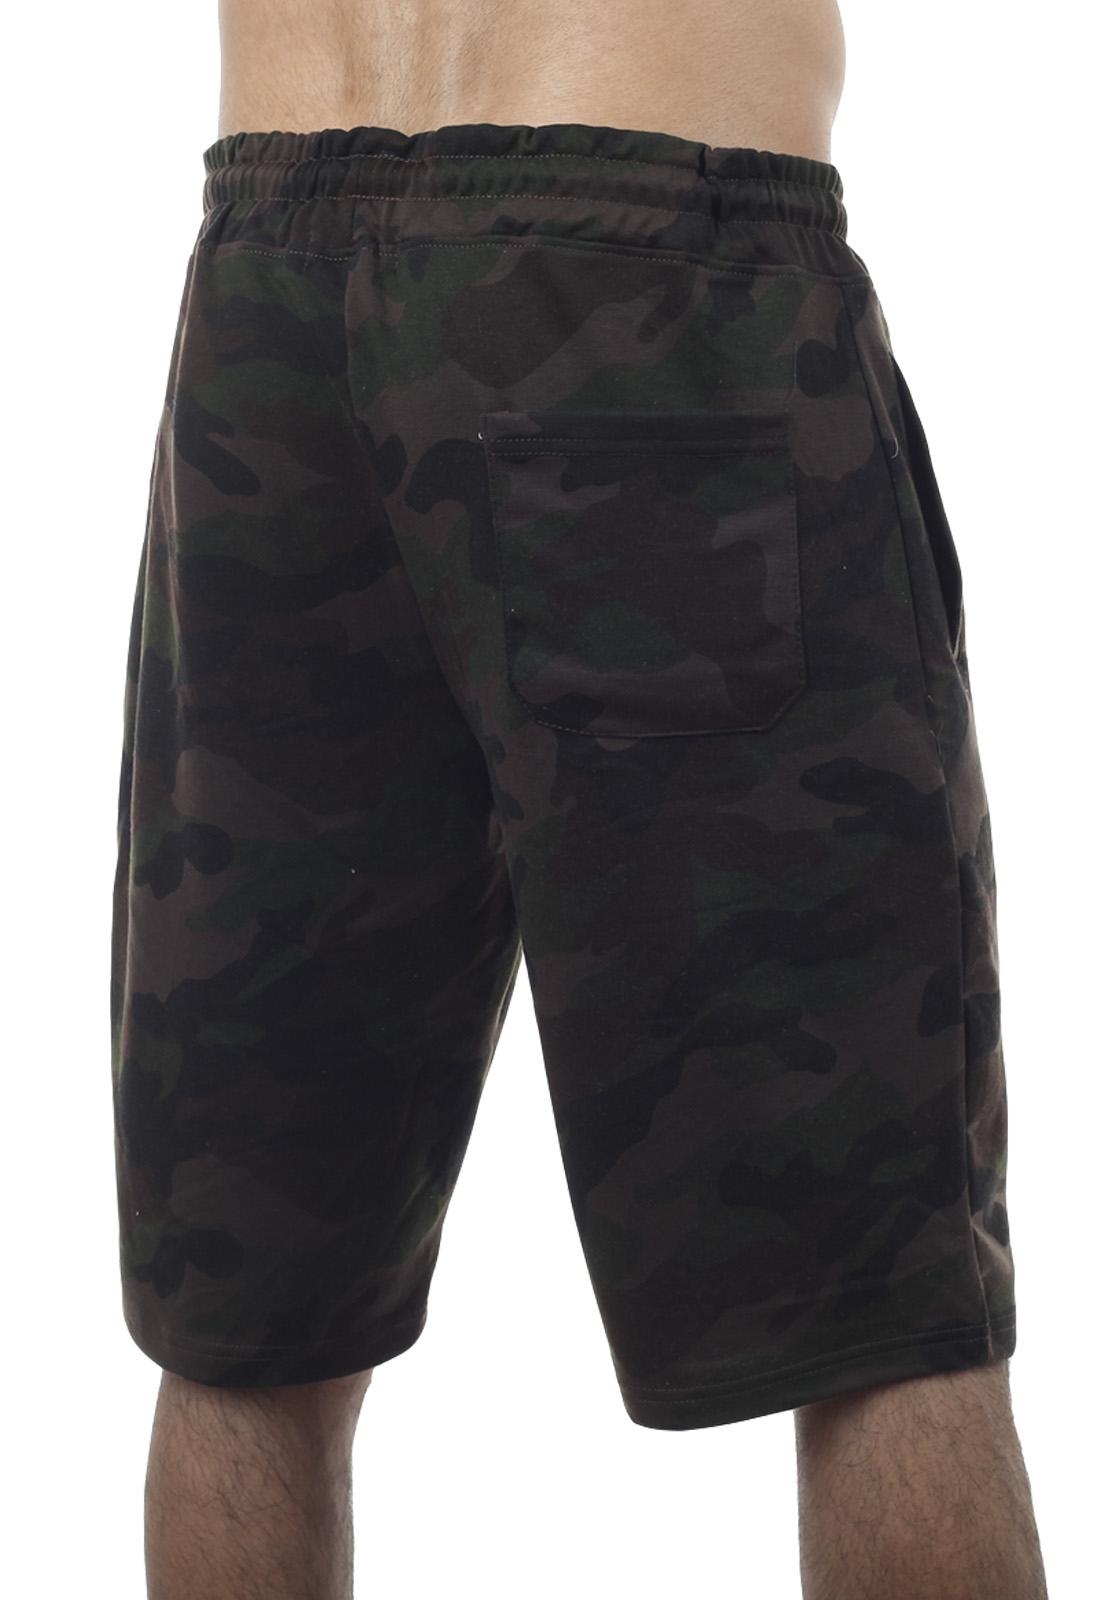 Надежные темные милитари-шорты с нашивкой Погранвойска - купить в Военпро